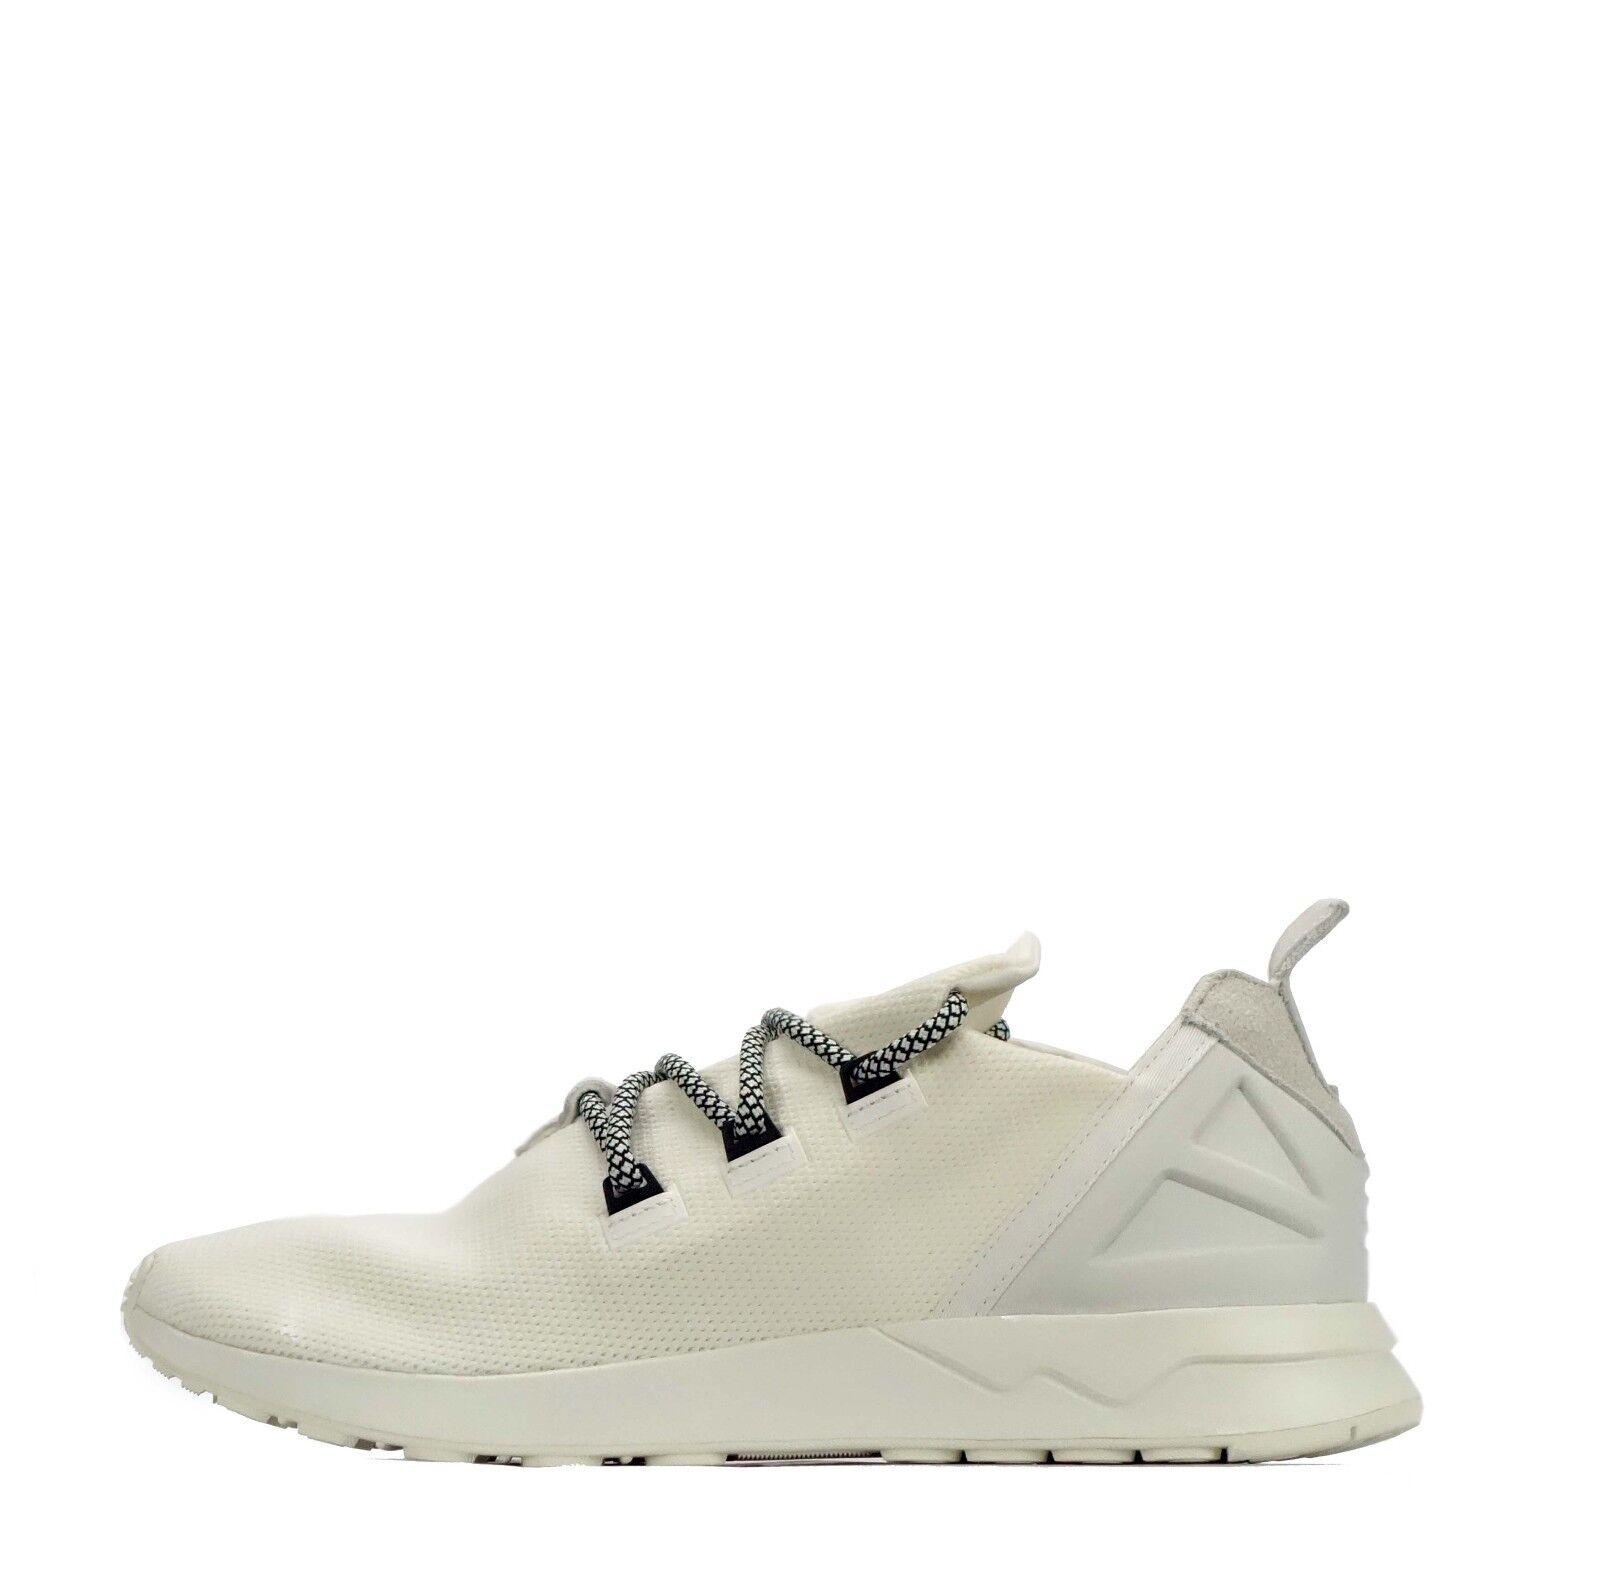 adidas casuales Originals ZX Flux ADV X hombre casuales adidas Trainers Nuevo Off Blanco 7751ff